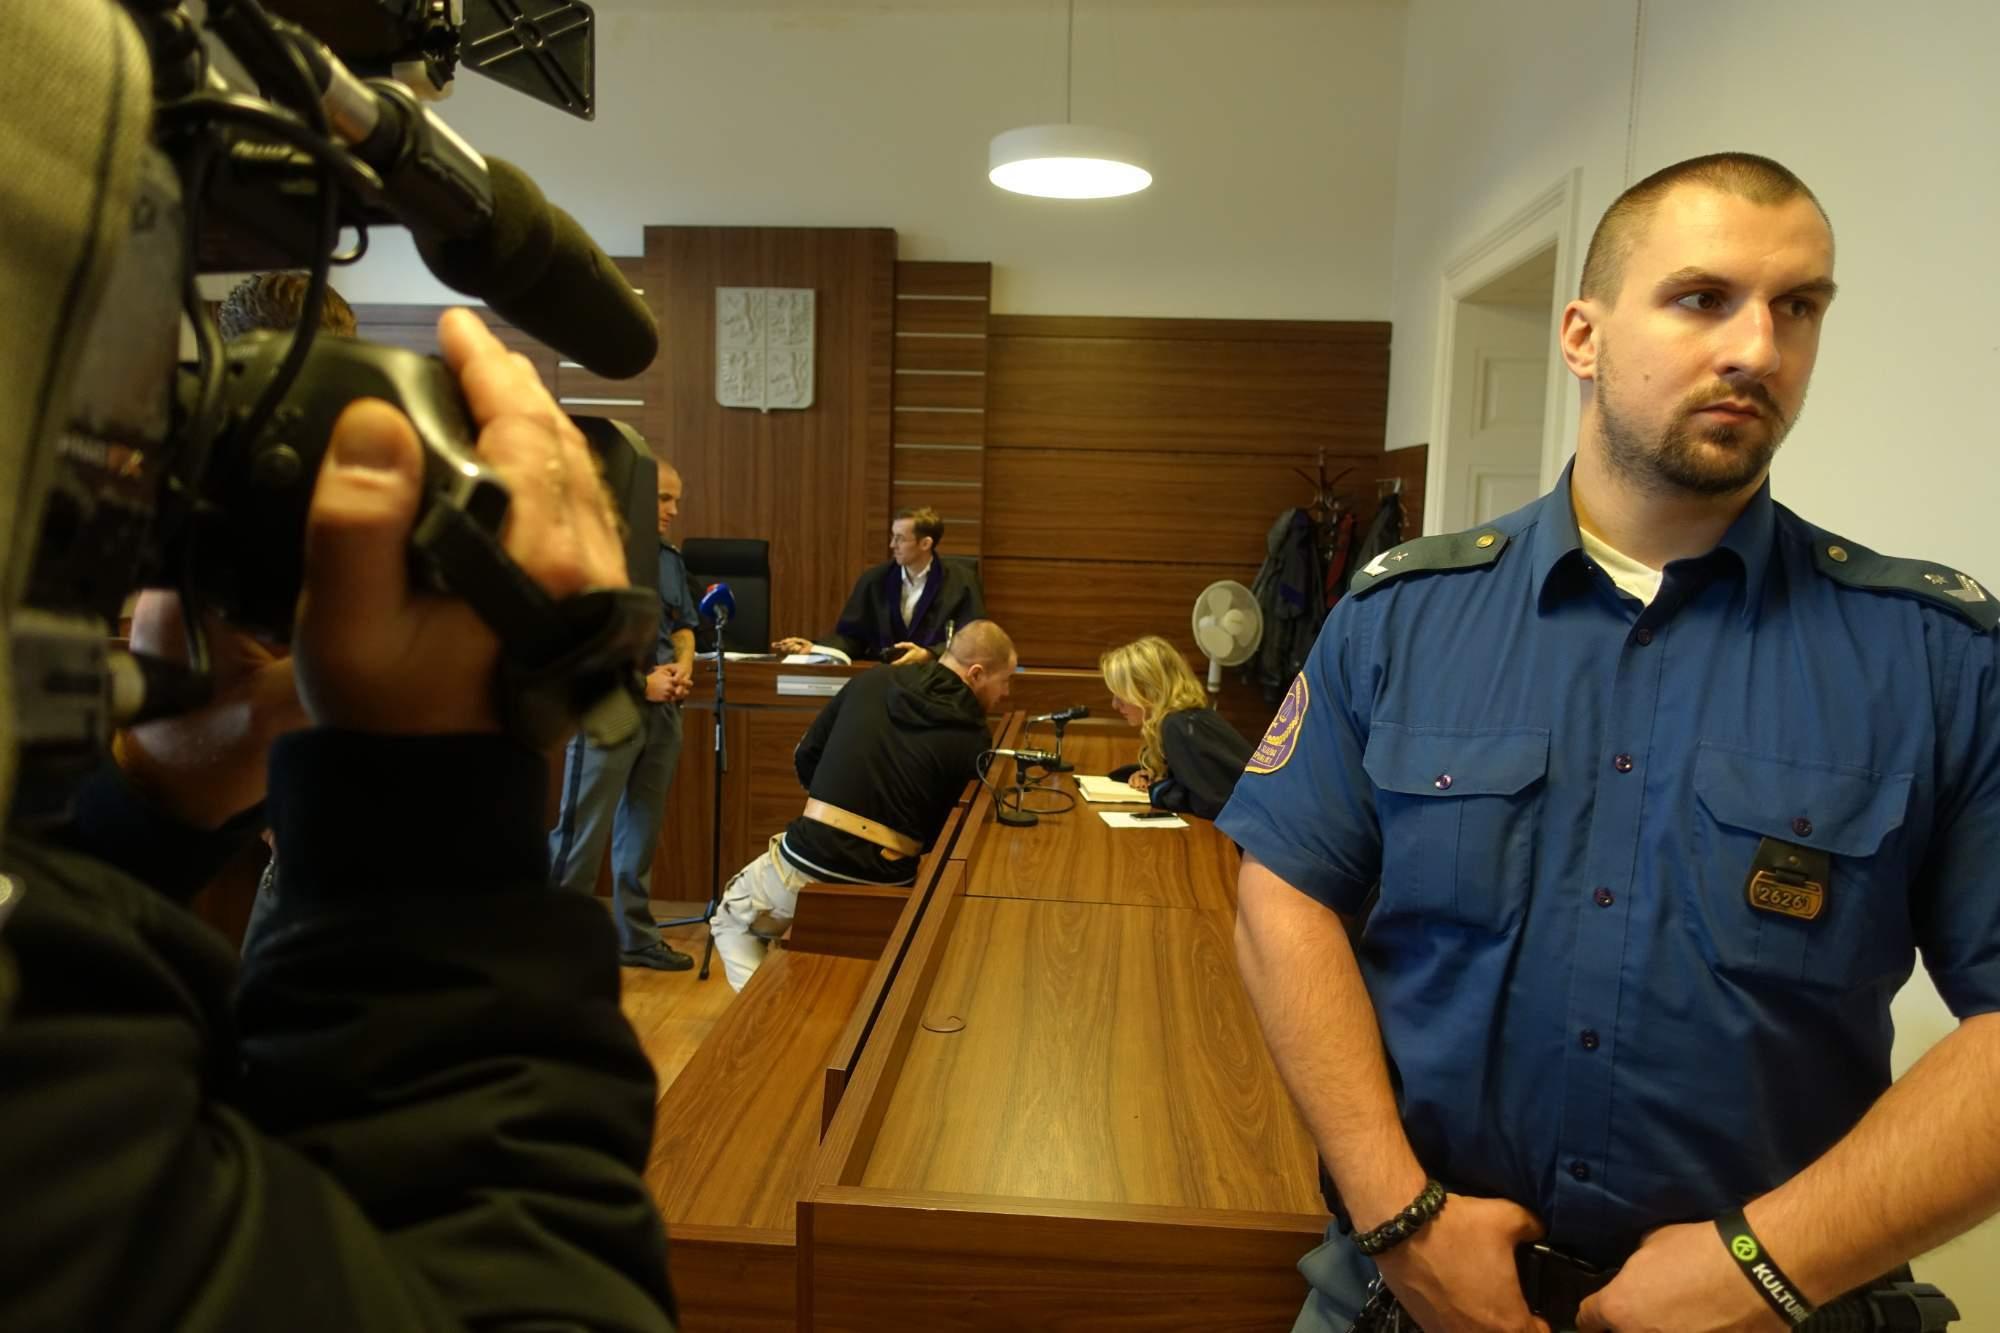 Dominik Kobulnický byl obžalován z plánování teroristického útoku. Autor: Pavel Hanosek